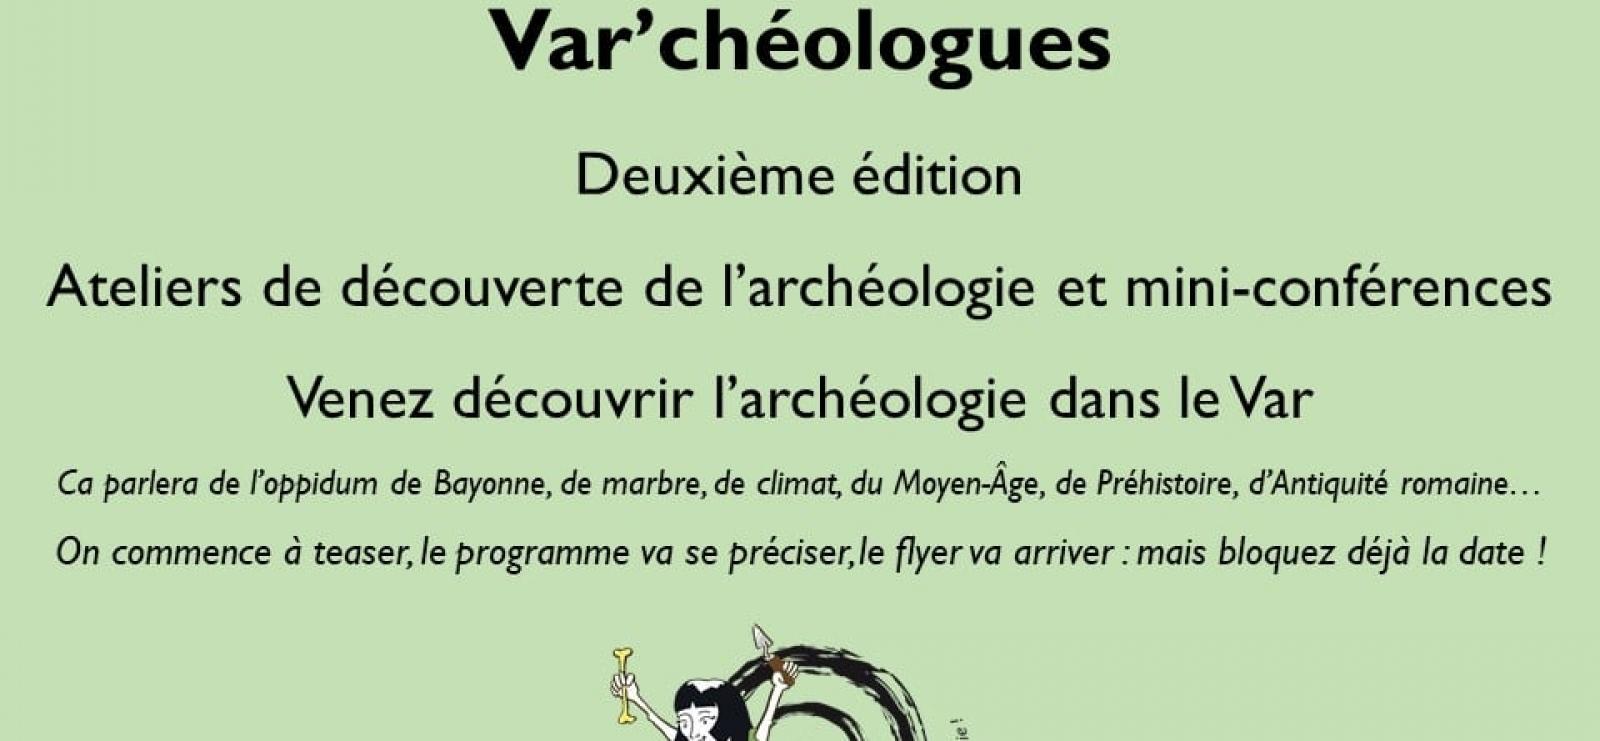 Var Chéologues